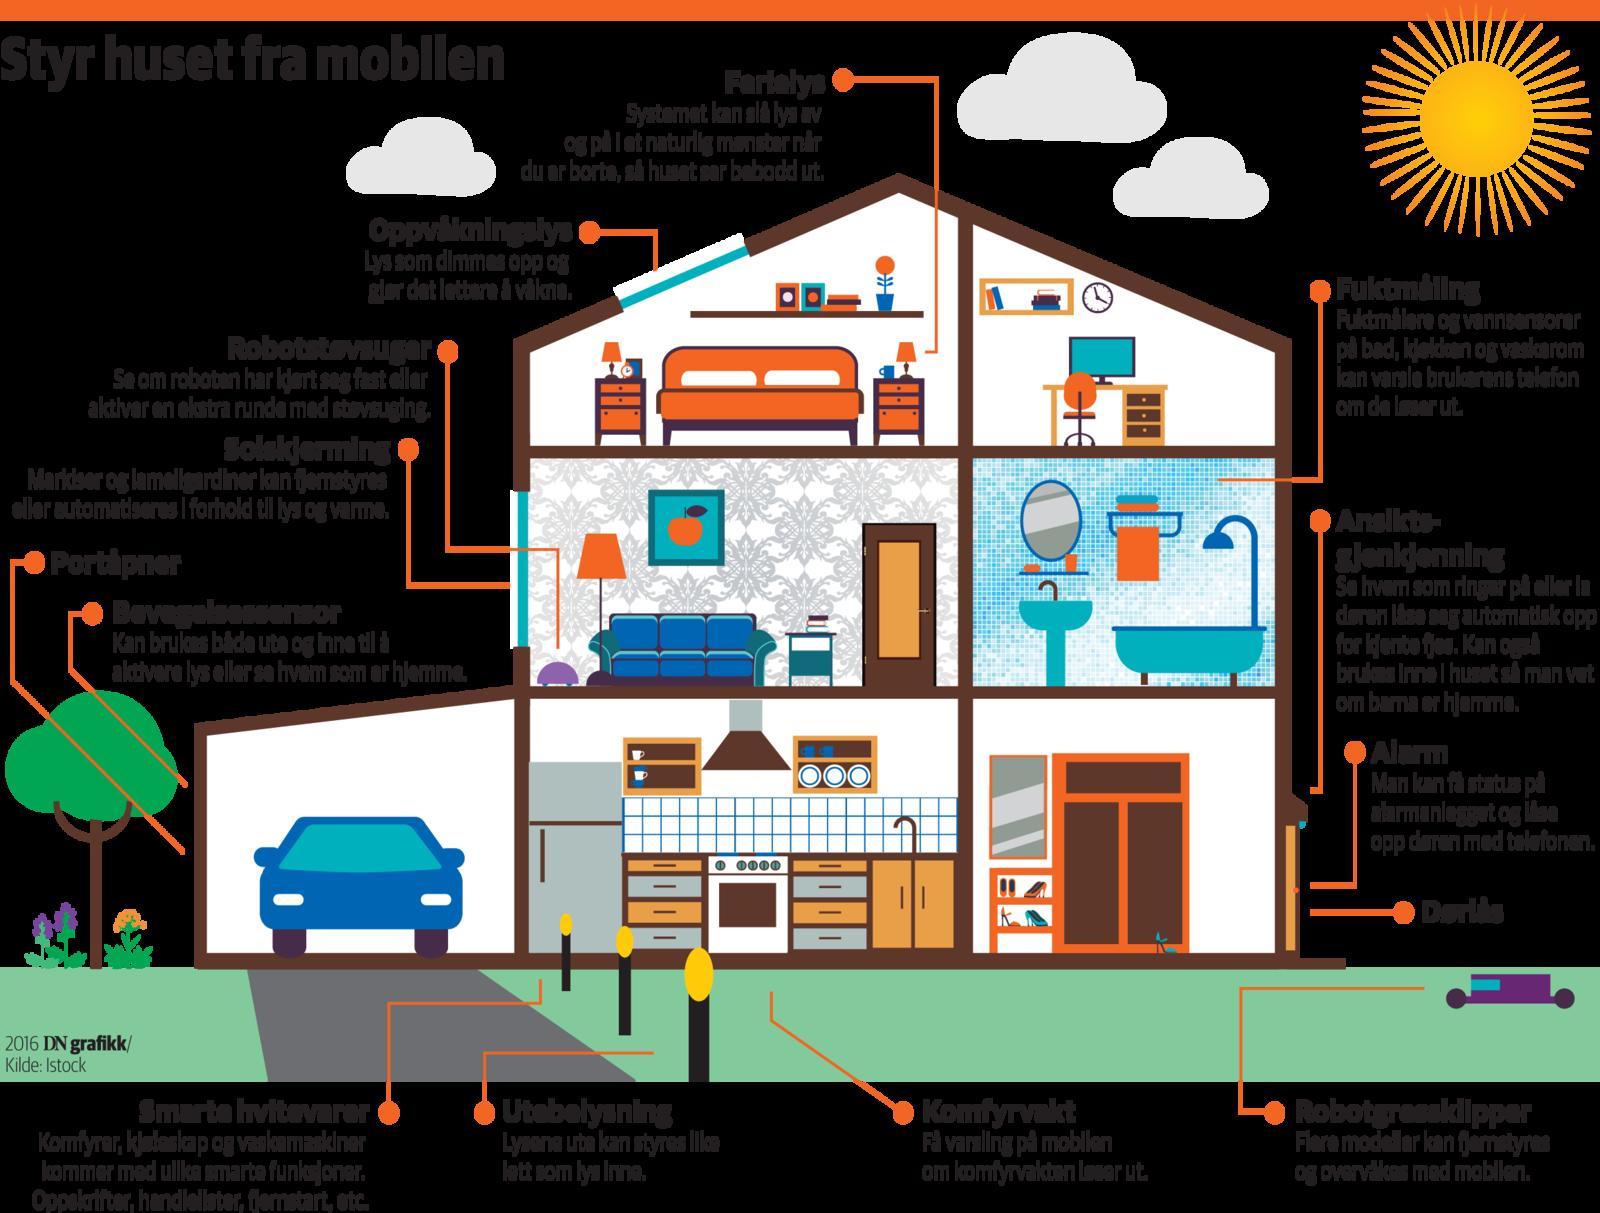 Tibber satser på fremveksten av smarthus. I en fremtid hvor de fleste aparater som bruker strøm kan kommunisere med mobilen, vil Tibber kunne styre husets strømforbruk.